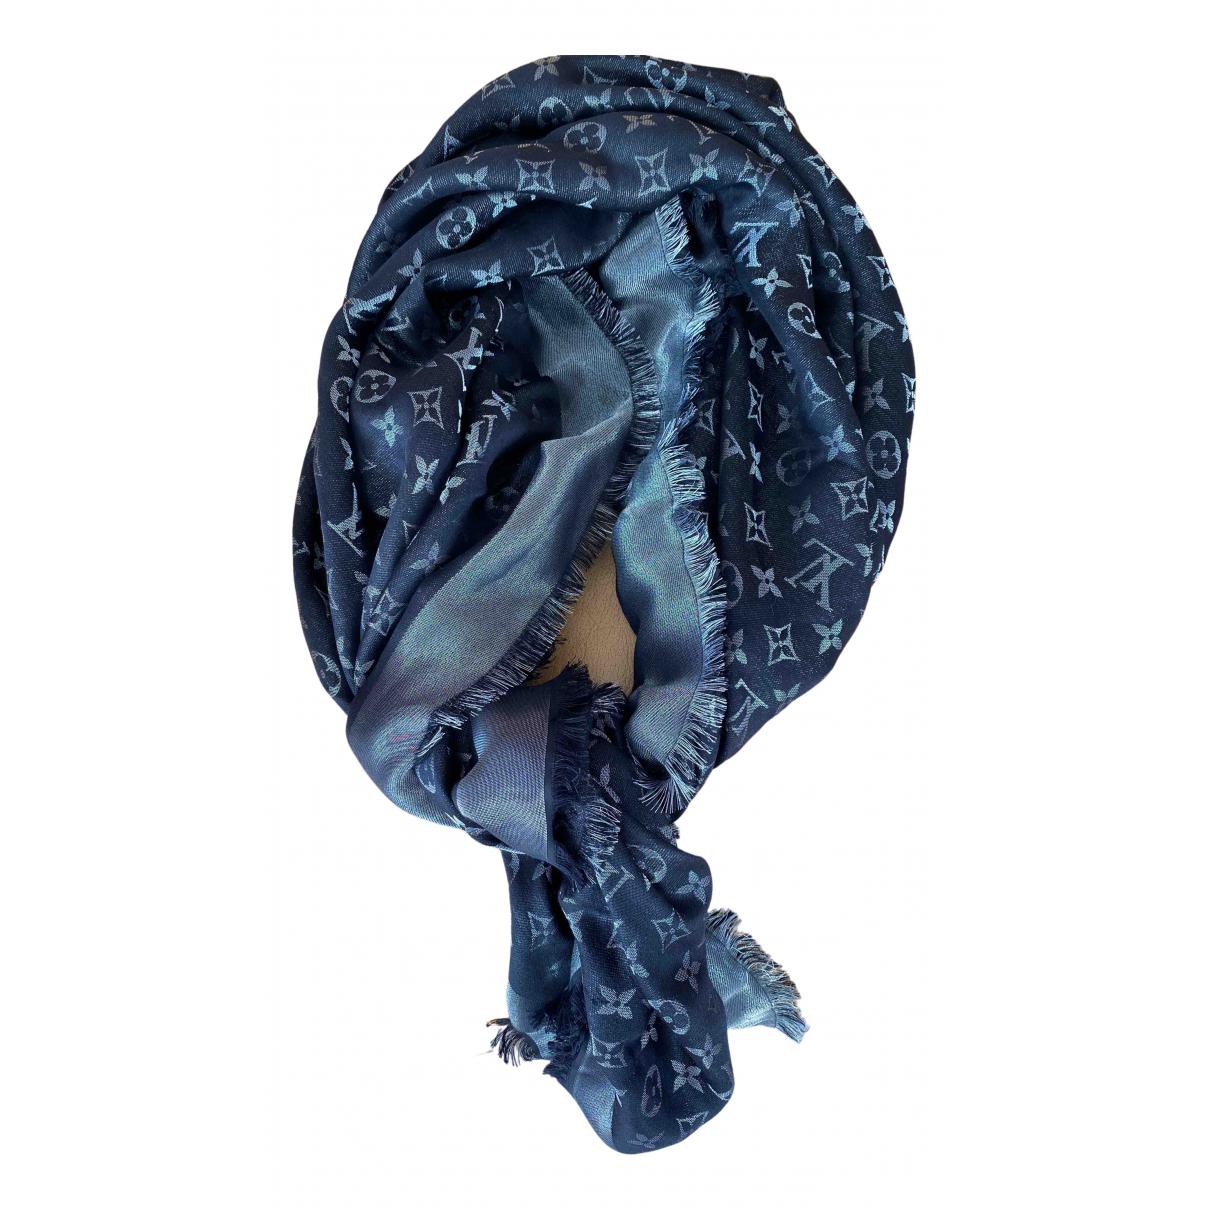 Louis Vuitton - Foulard Chale Monogram shine pour femme en soie - noir